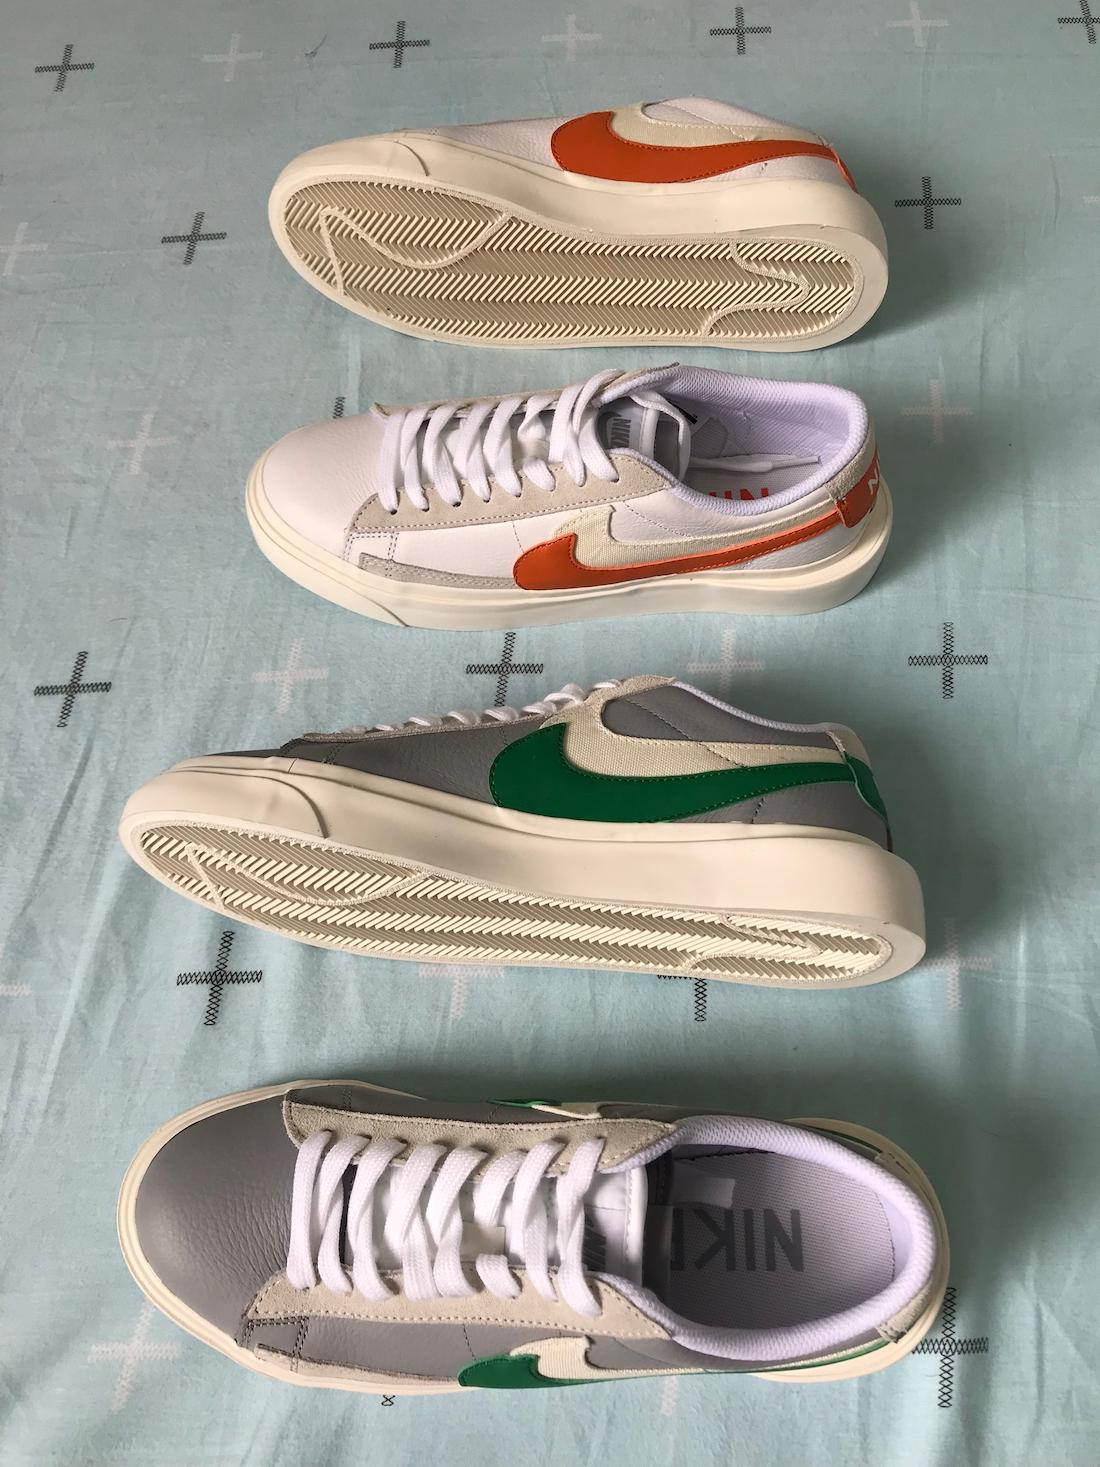 Sacai Nike Blazer Low サカイ ナイキ ブレーザー ロー green orange pair side top